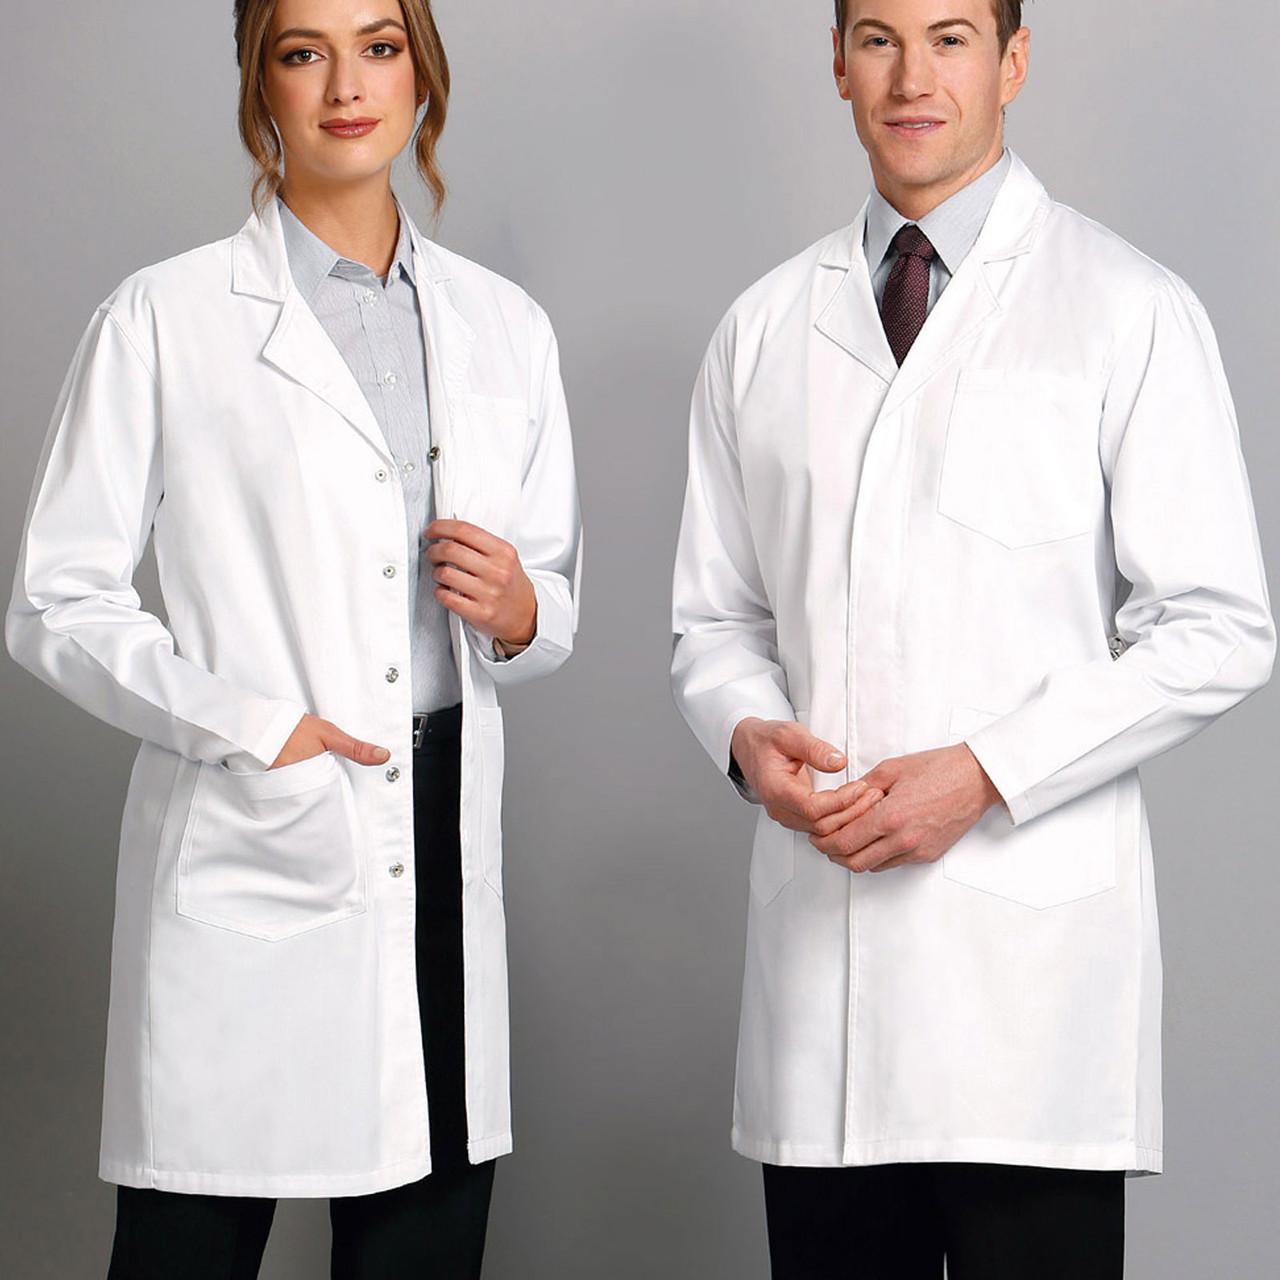 100/% cotton Lab coat Read description for details medical clothing